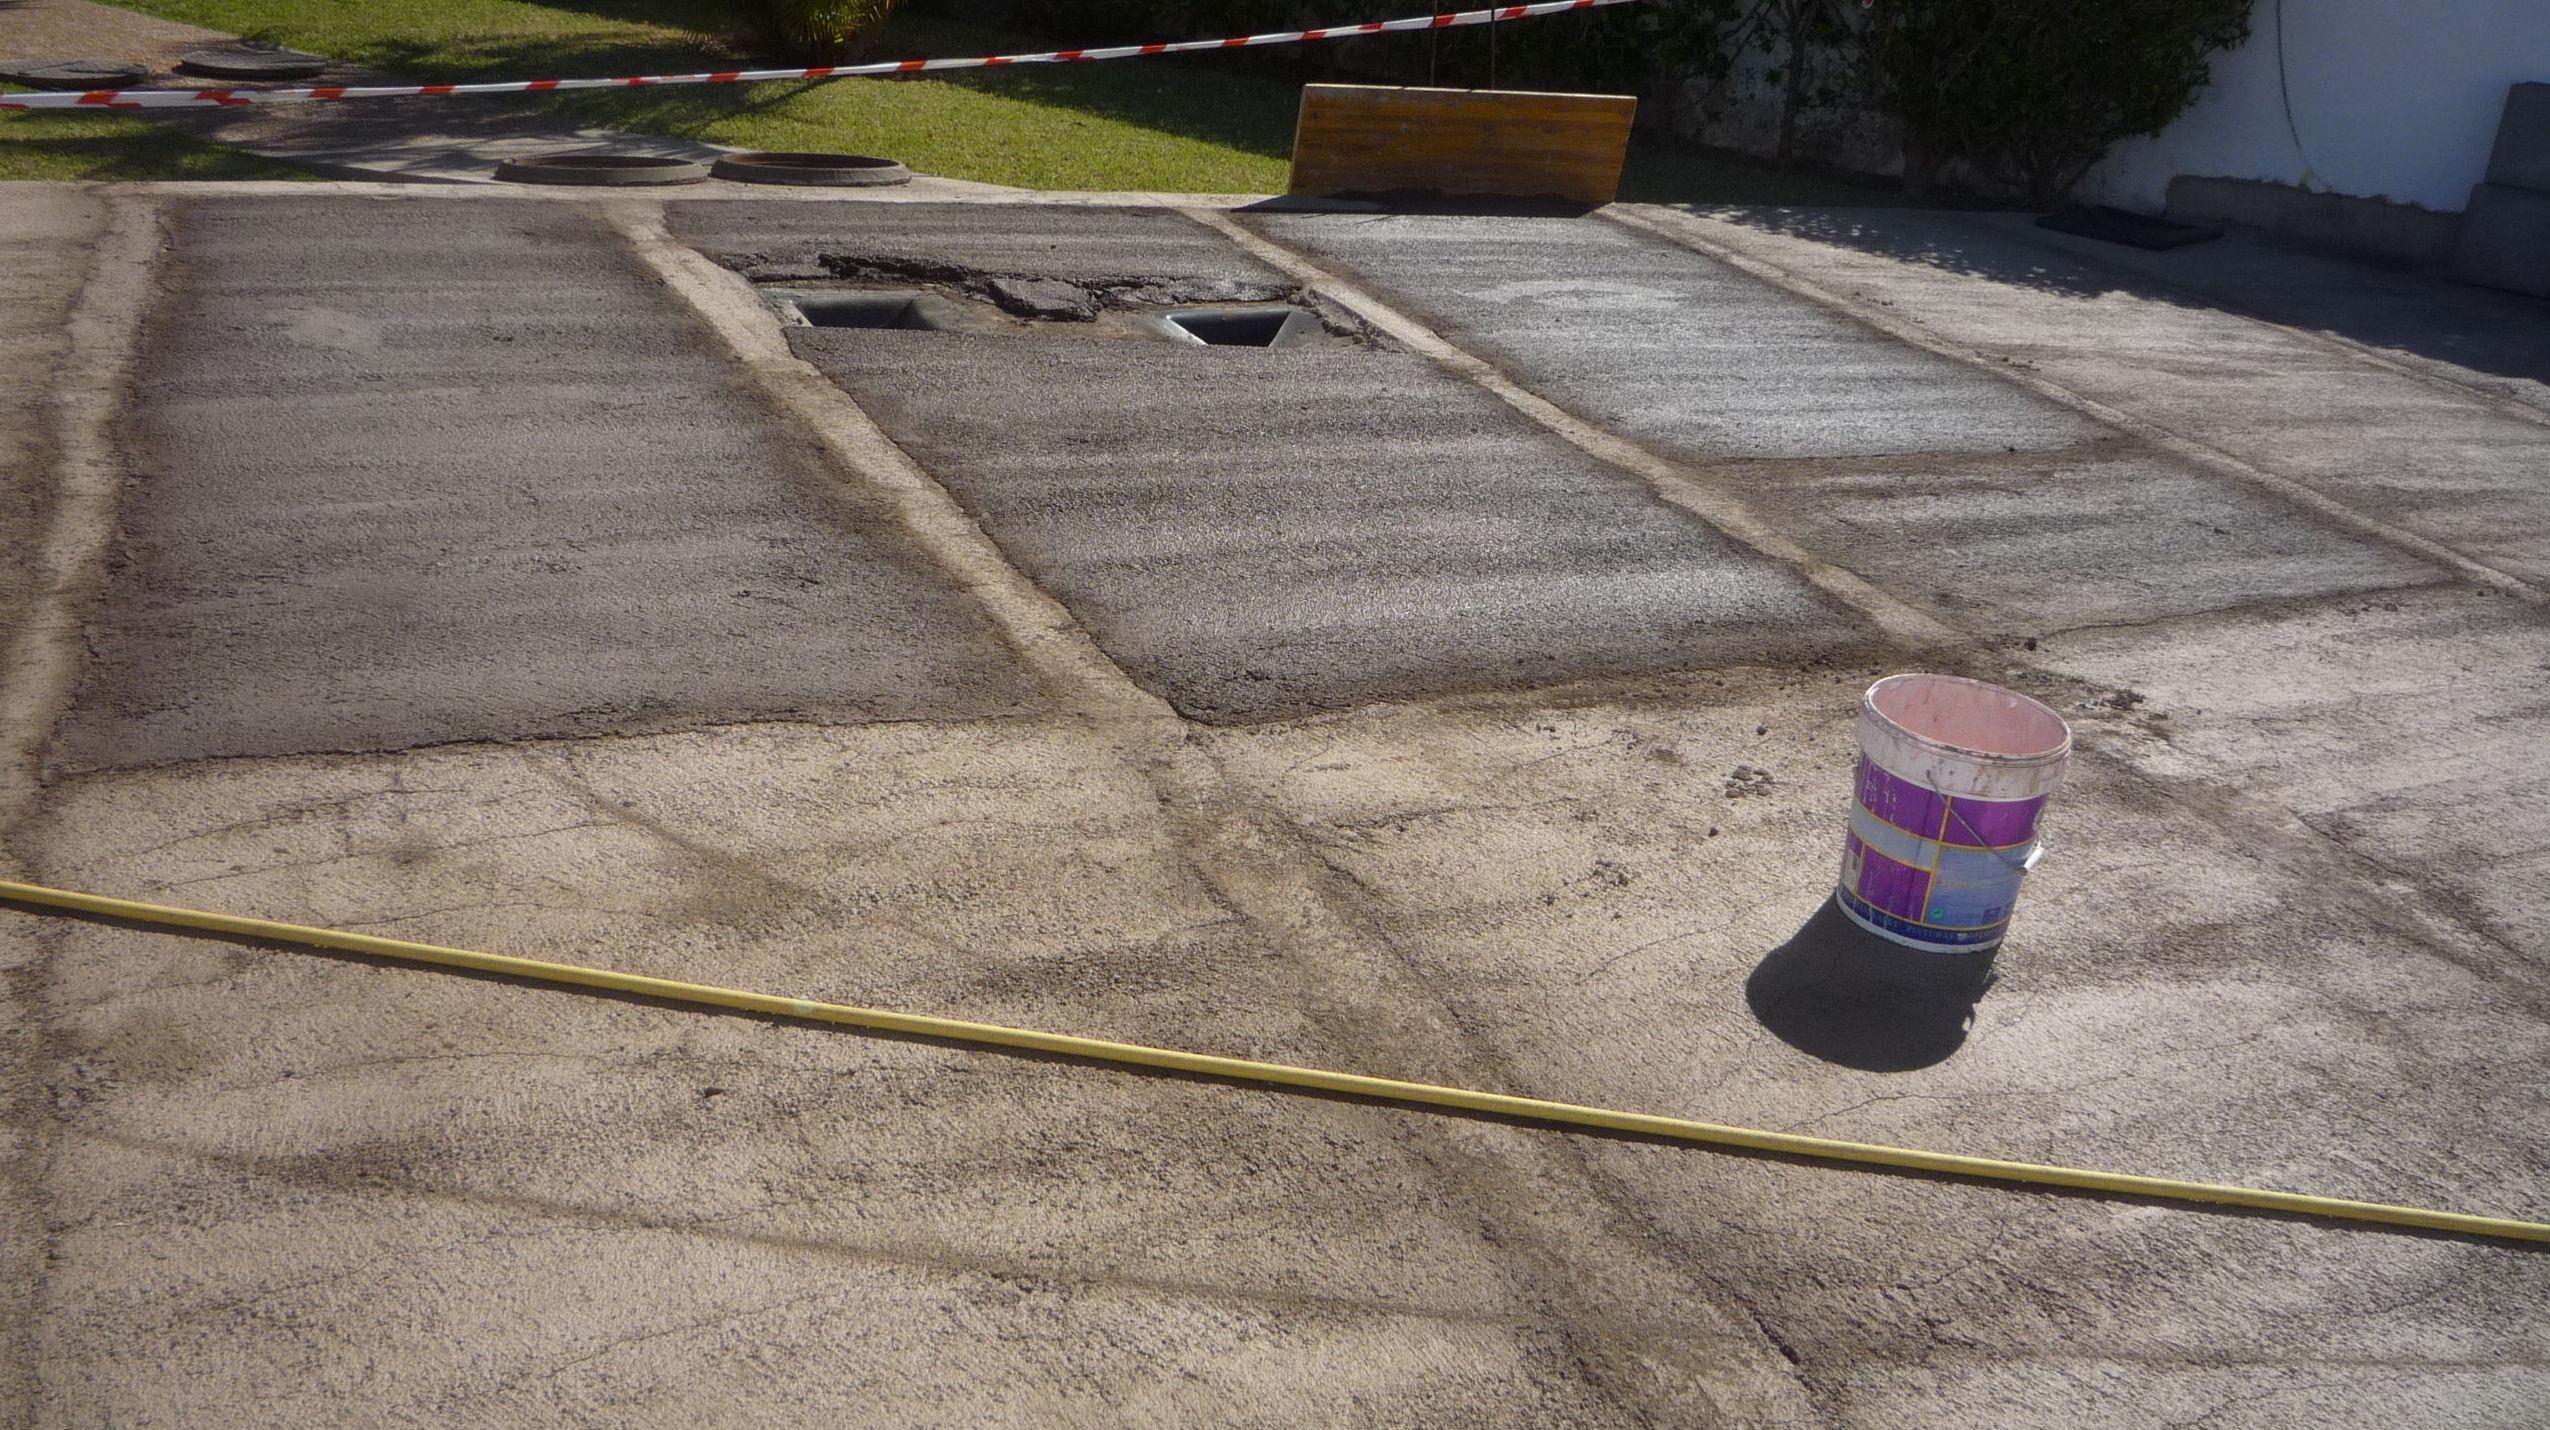 Reforma de Impermeabilización  comunidad de vecinos Santa Cruz de Tenerife